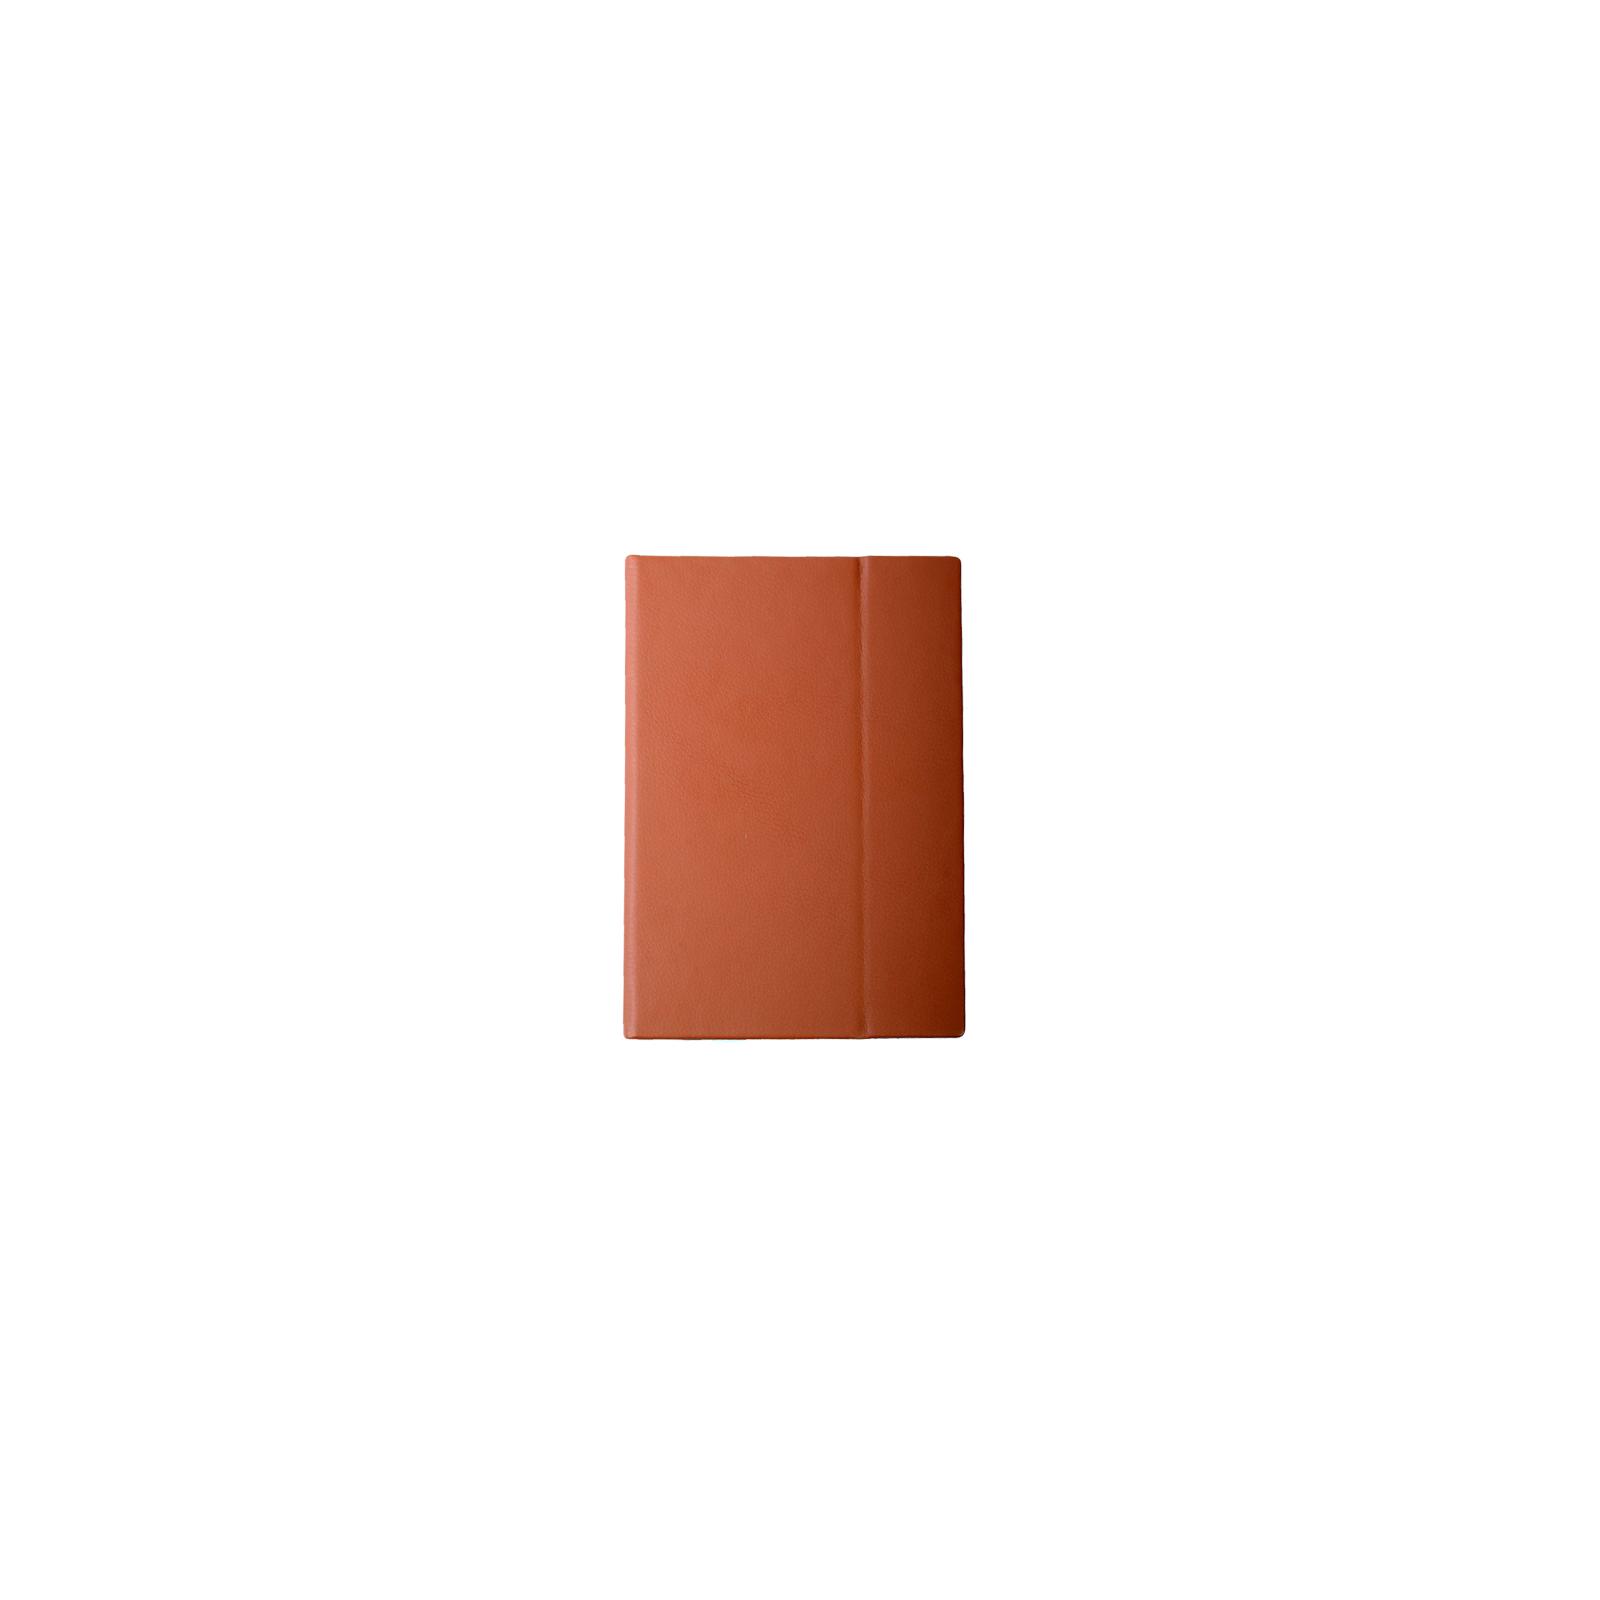 Чехол для планшета Vento 10.1 Desire Matt - brown изображение 2